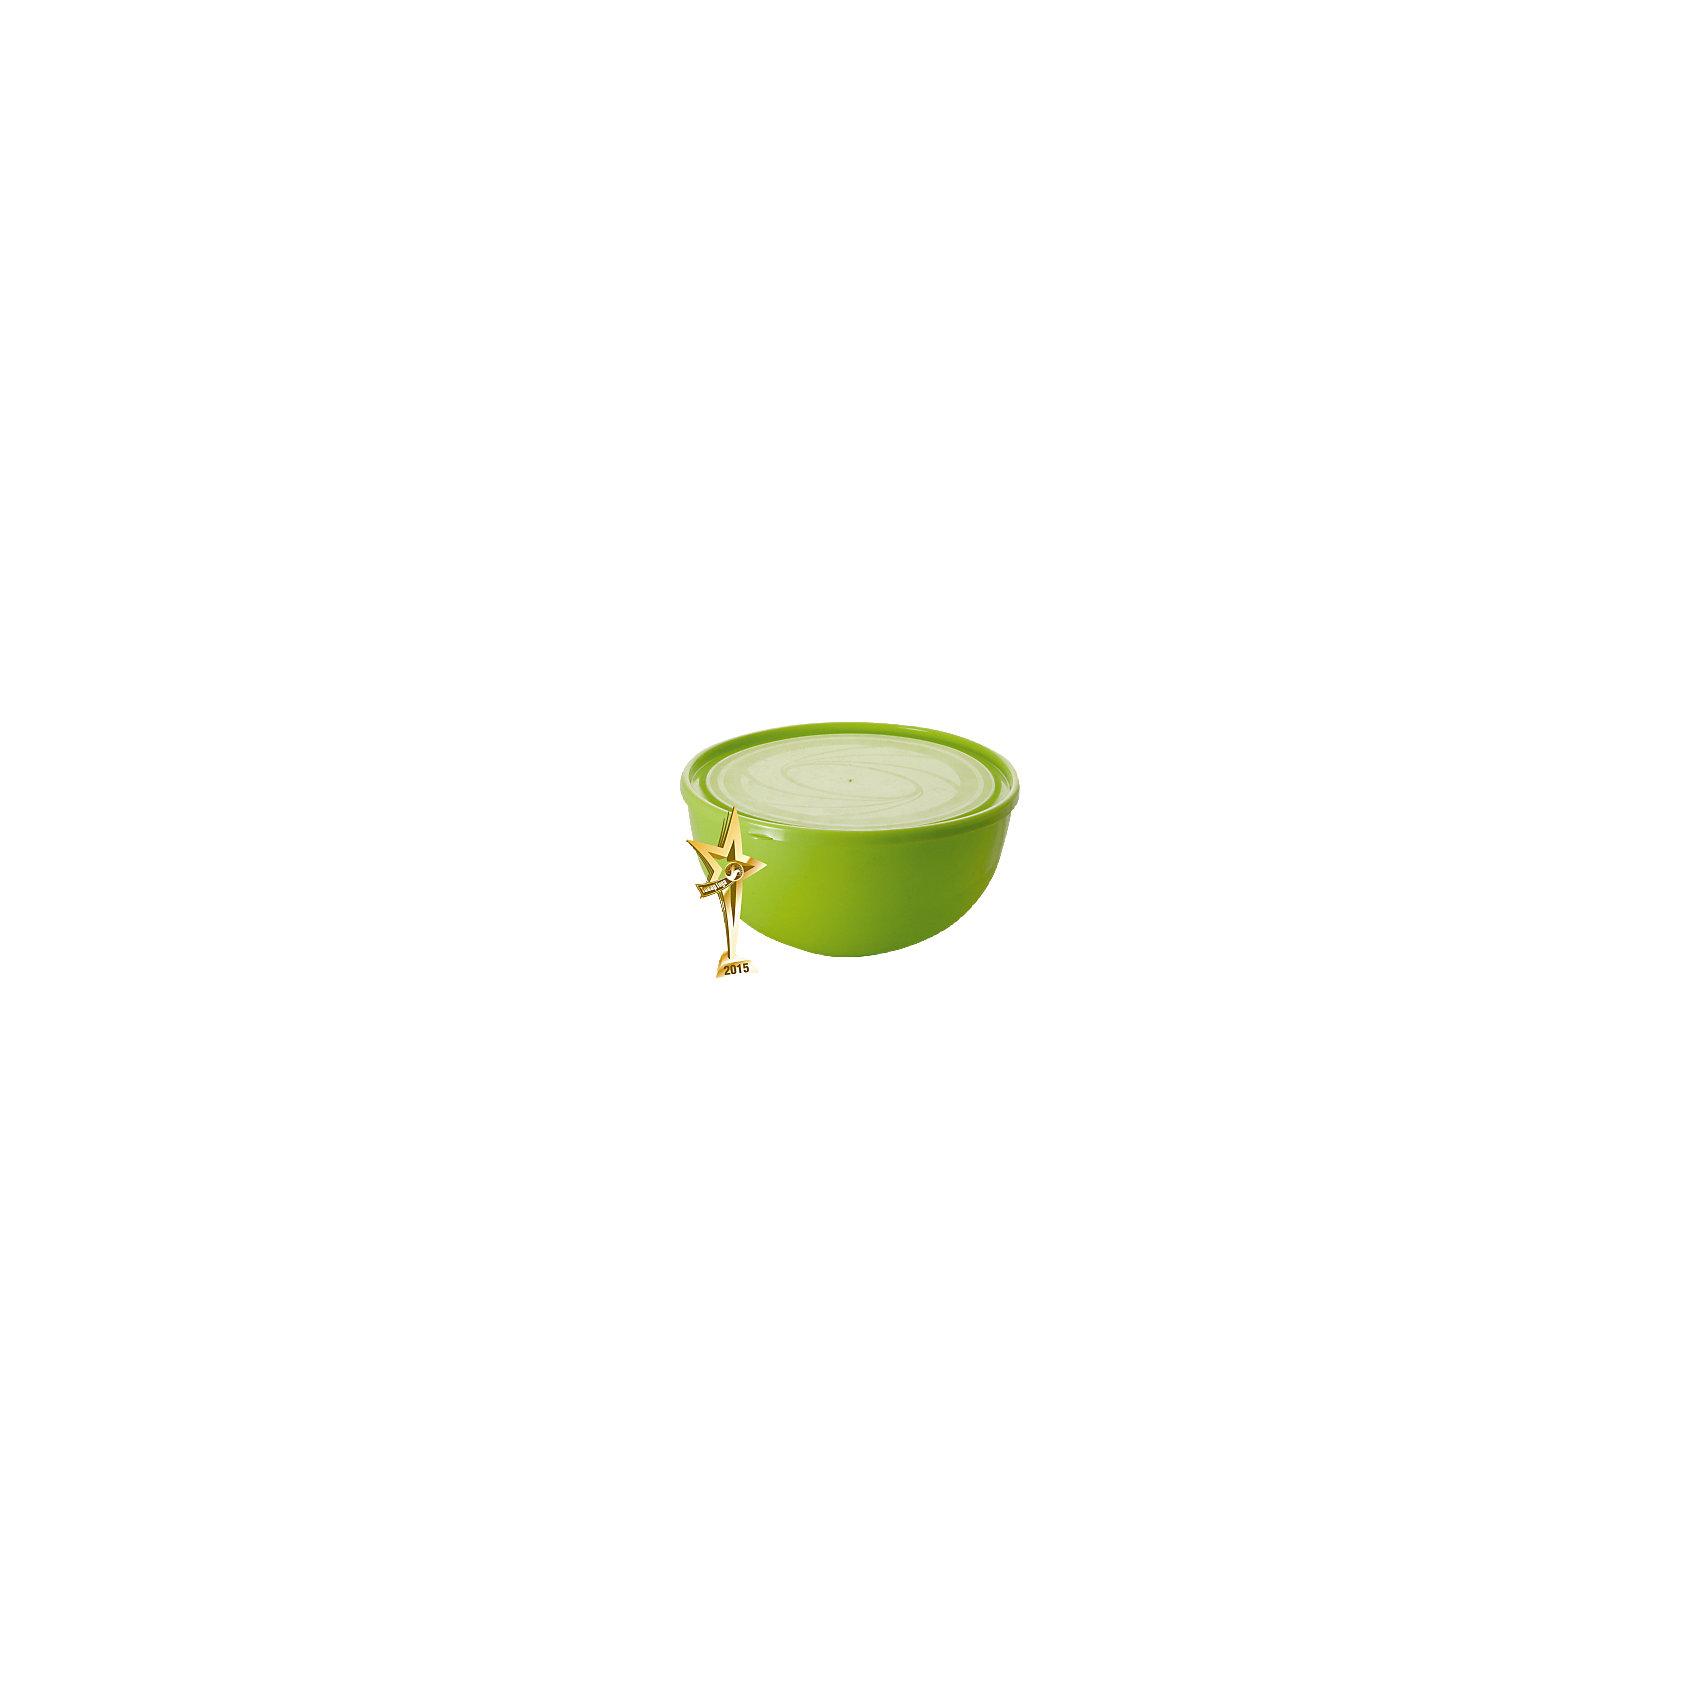 Салатник Galaxy 4,0 л с крышкой, Plastic CentreПосуда<br>Салатник Galaxy 4,0 л с крышкой, Plastic Centre<br><br>Характеристики:<br><br>• Цвет: зеленый<br>• Материал: пластик<br>• В комплекте: 1 штука<br>• Объем: 4 литра<br>• С крышкой<br><br>Благодаря яркому интересному дизайну этот салатник придаст творческой атмосферы вашей кухне и процессу готовки. Его можно использовать как для приготовления блюд, так и для их подачи на стол. Салатник имеет литраж 4 л, а так же изготовлен из высококачественного пластика. Дополнительно к салатнику прилагается крышка, которая защитит еду от запахов.<br><br>Салатник Galaxy 4,0 л с крышкой, Plastic Centre можно купить в нашем интернет-магазине.<br><br>Ширина мм: 260<br>Глубина мм: 255<br>Высота мм: 130<br>Вес г: 315<br>Возраст от месяцев: 216<br>Возраст до месяцев: 1188<br>Пол: Унисекс<br>Возраст: Детский<br>SKU: 5545695